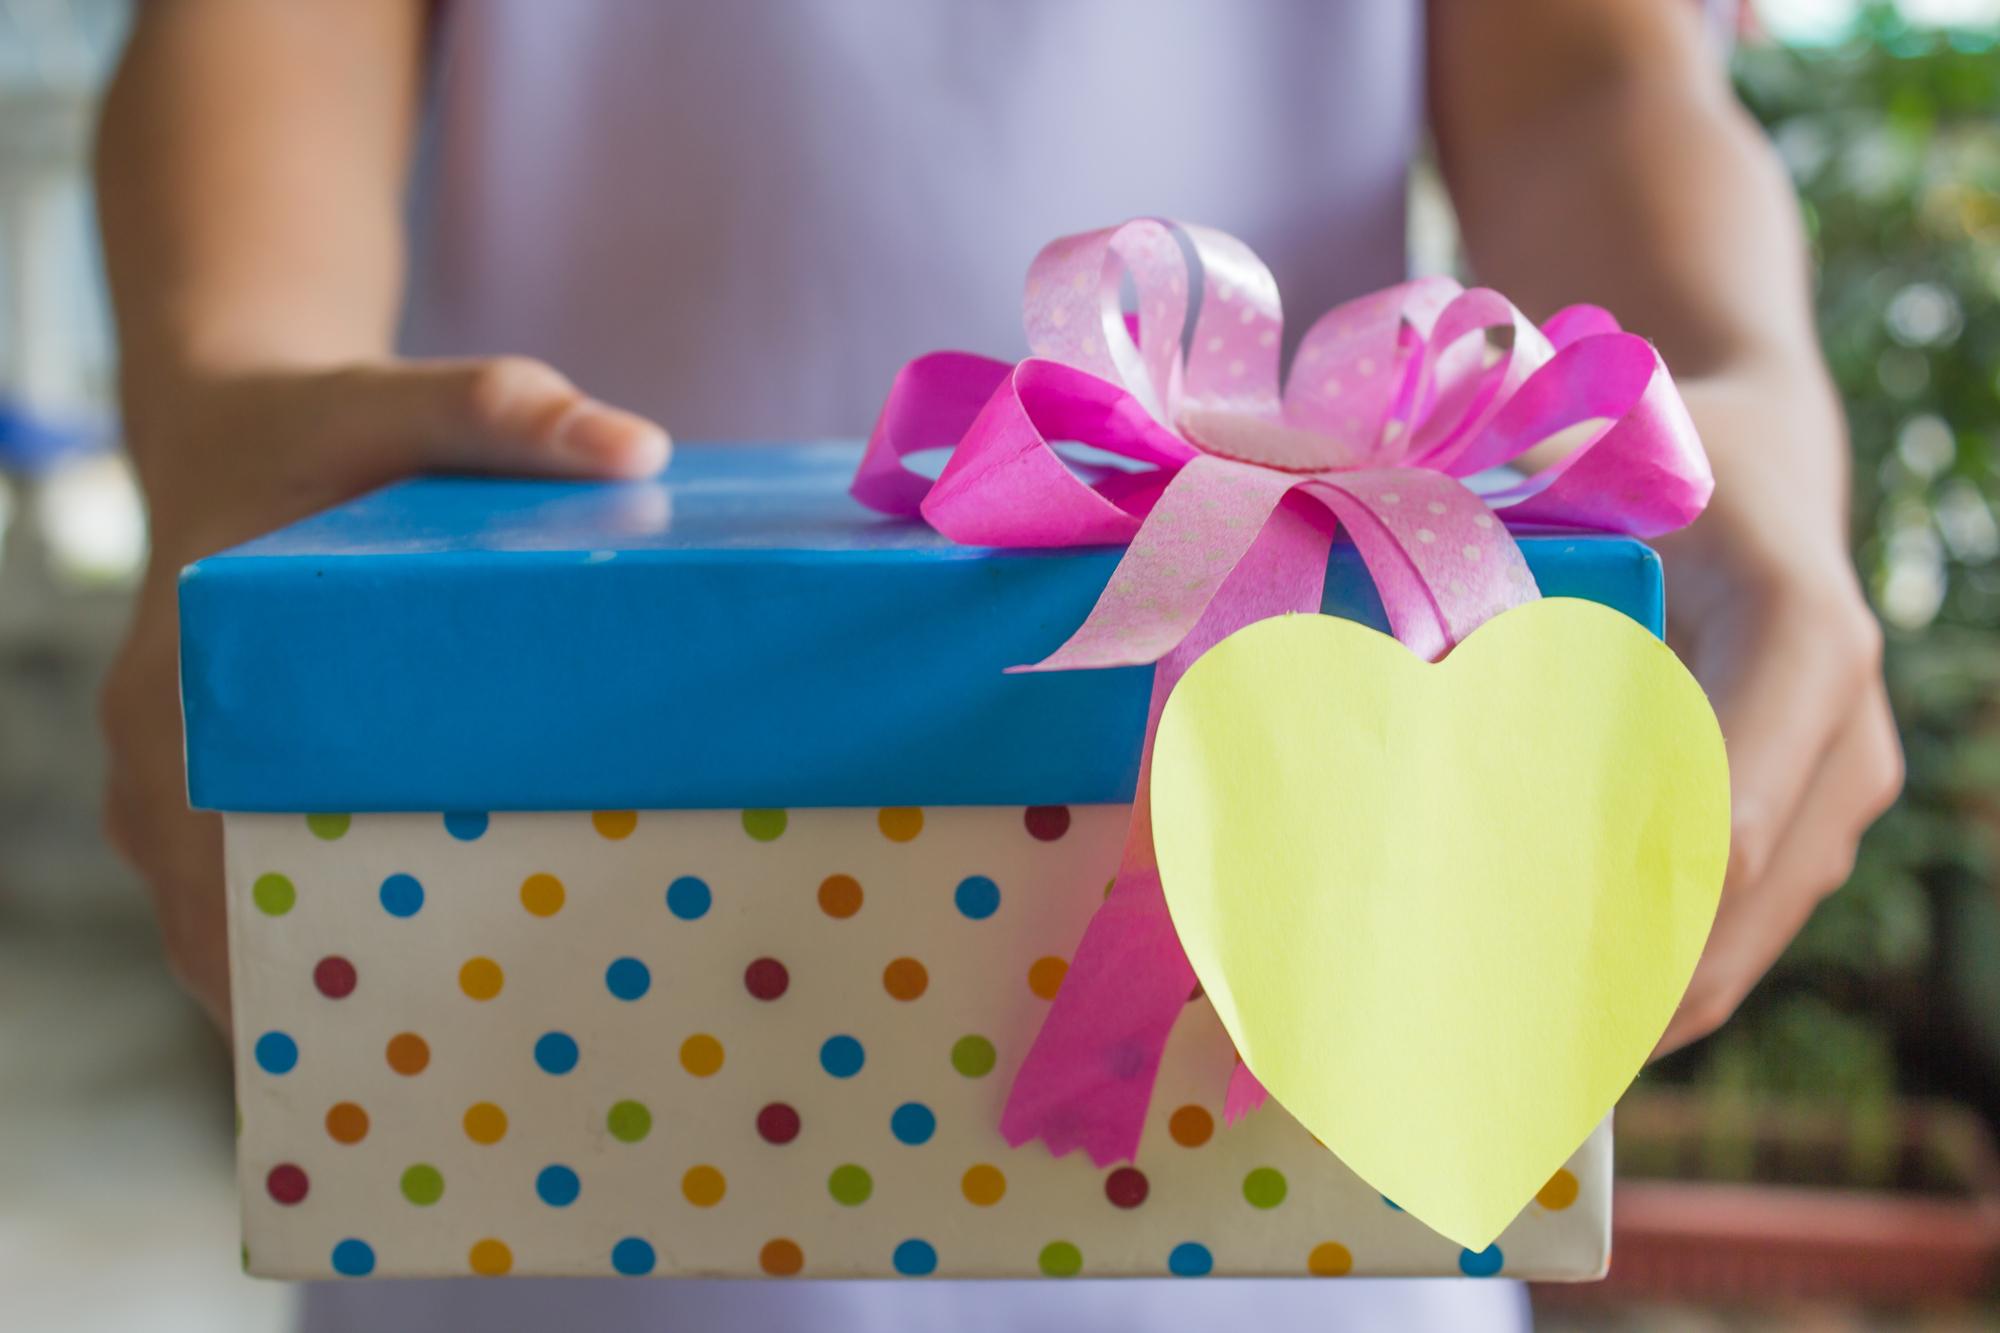 Kukyflor los mejores regalos hechos a mano - Regalos a mano ...